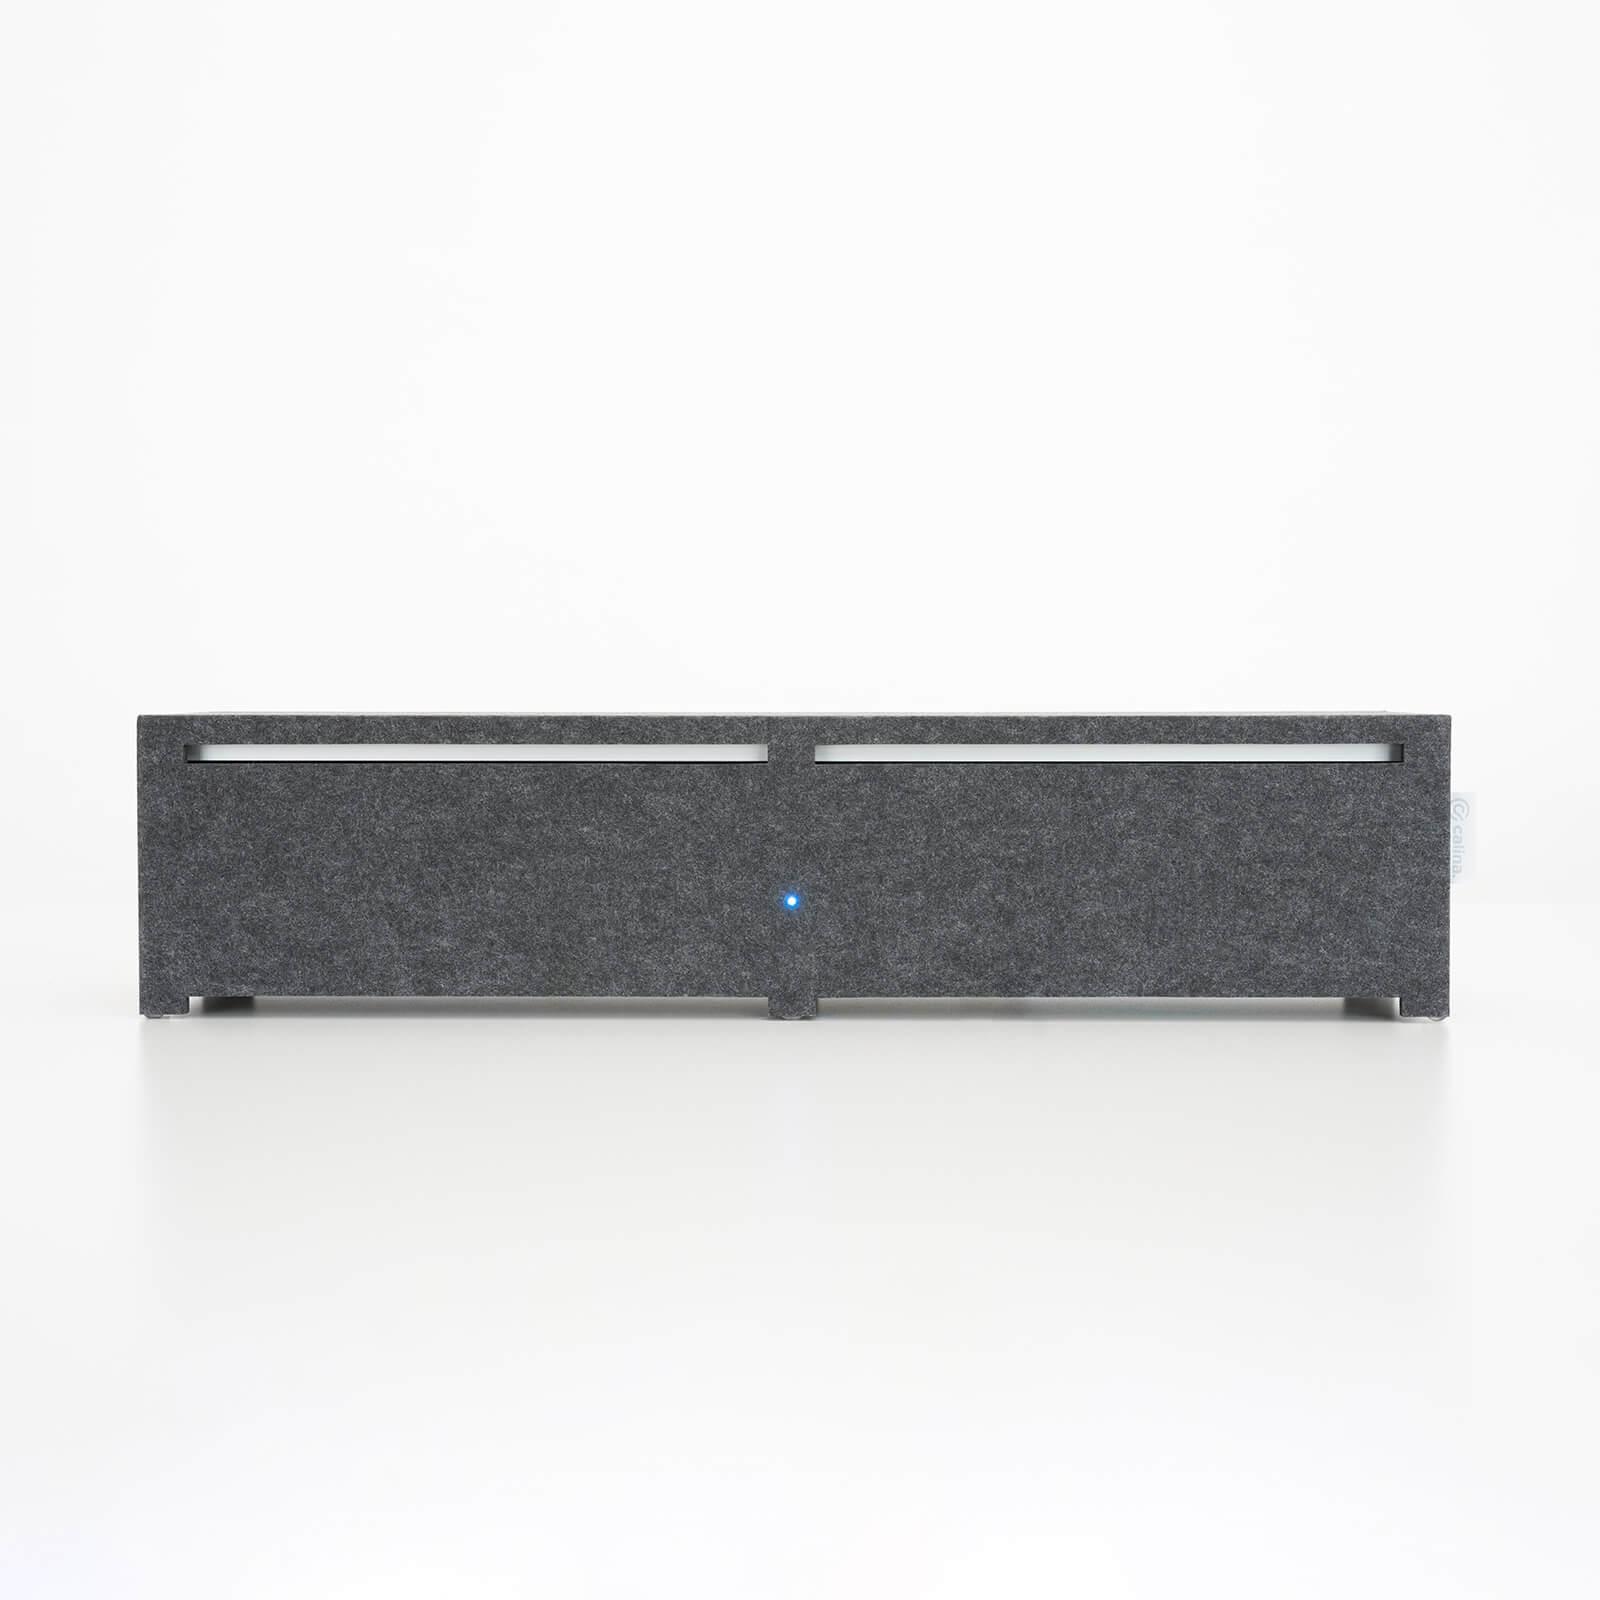 calina.DESK schützt Sie durch den integrierten Präsenzsensor unmittelbar, wenn Sie an Ihren Schreibtisch kommen.